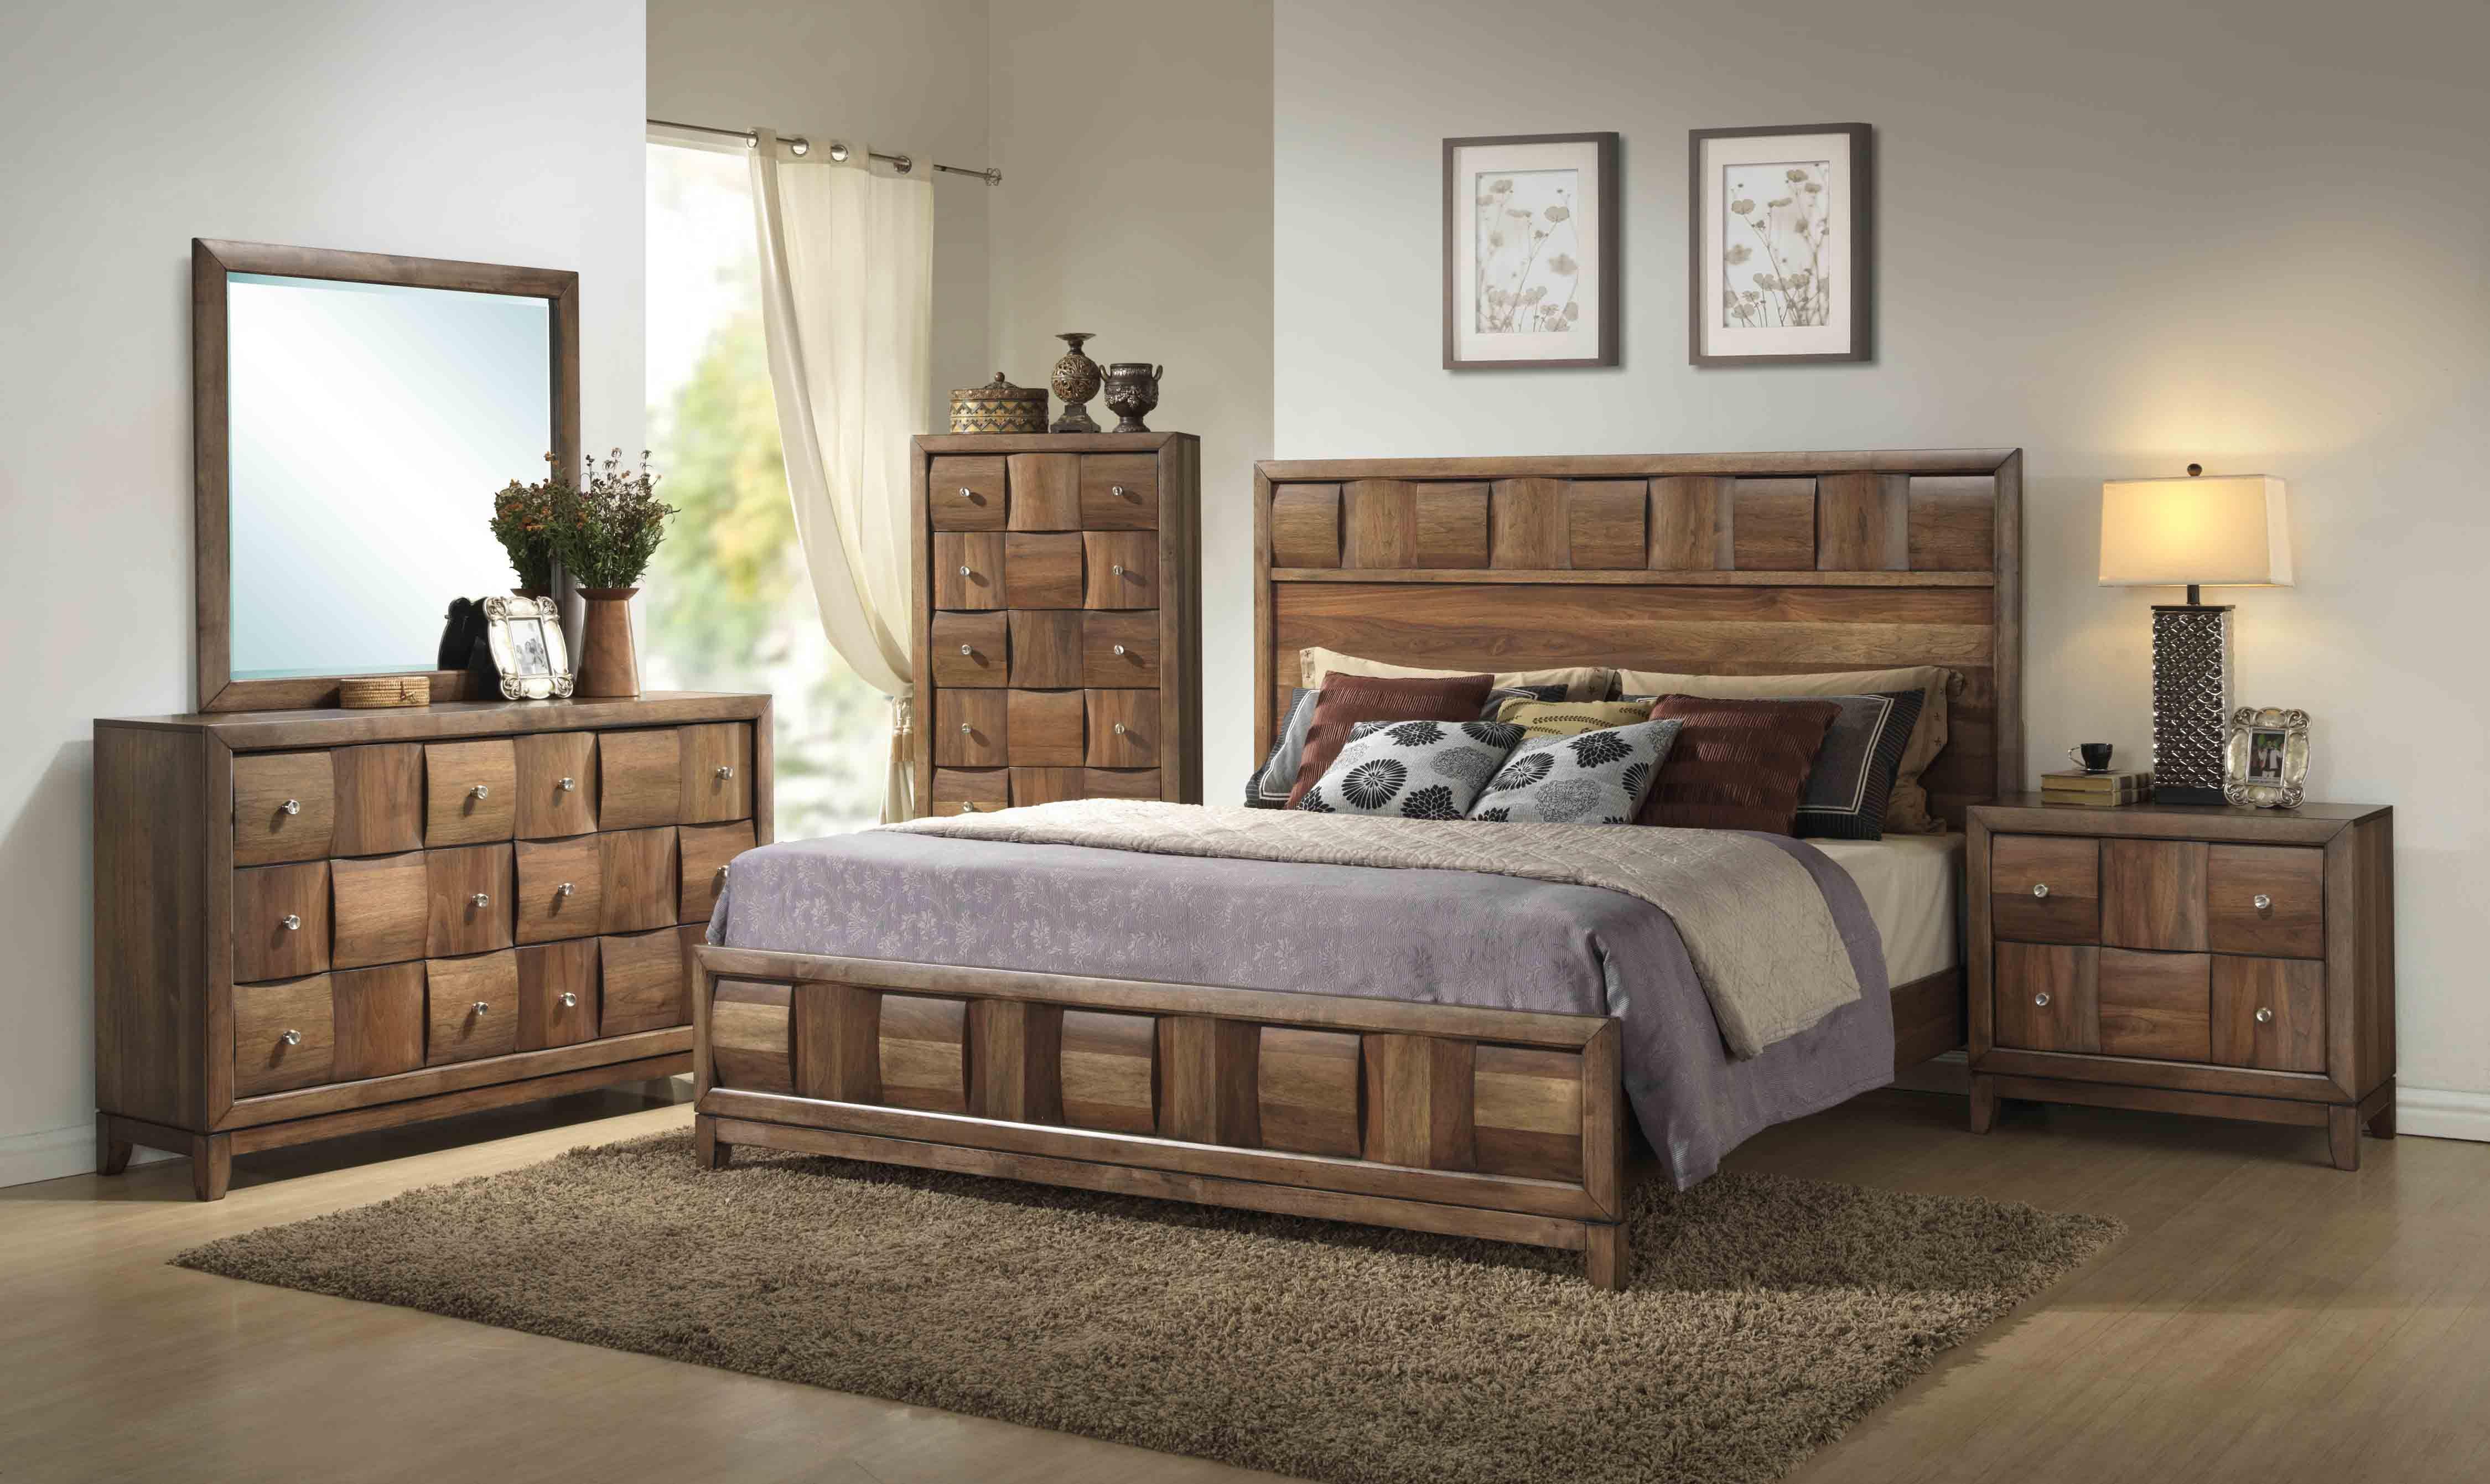 Holz Schlafzimmer Möbel Farben Holz schlafzimmermöbel